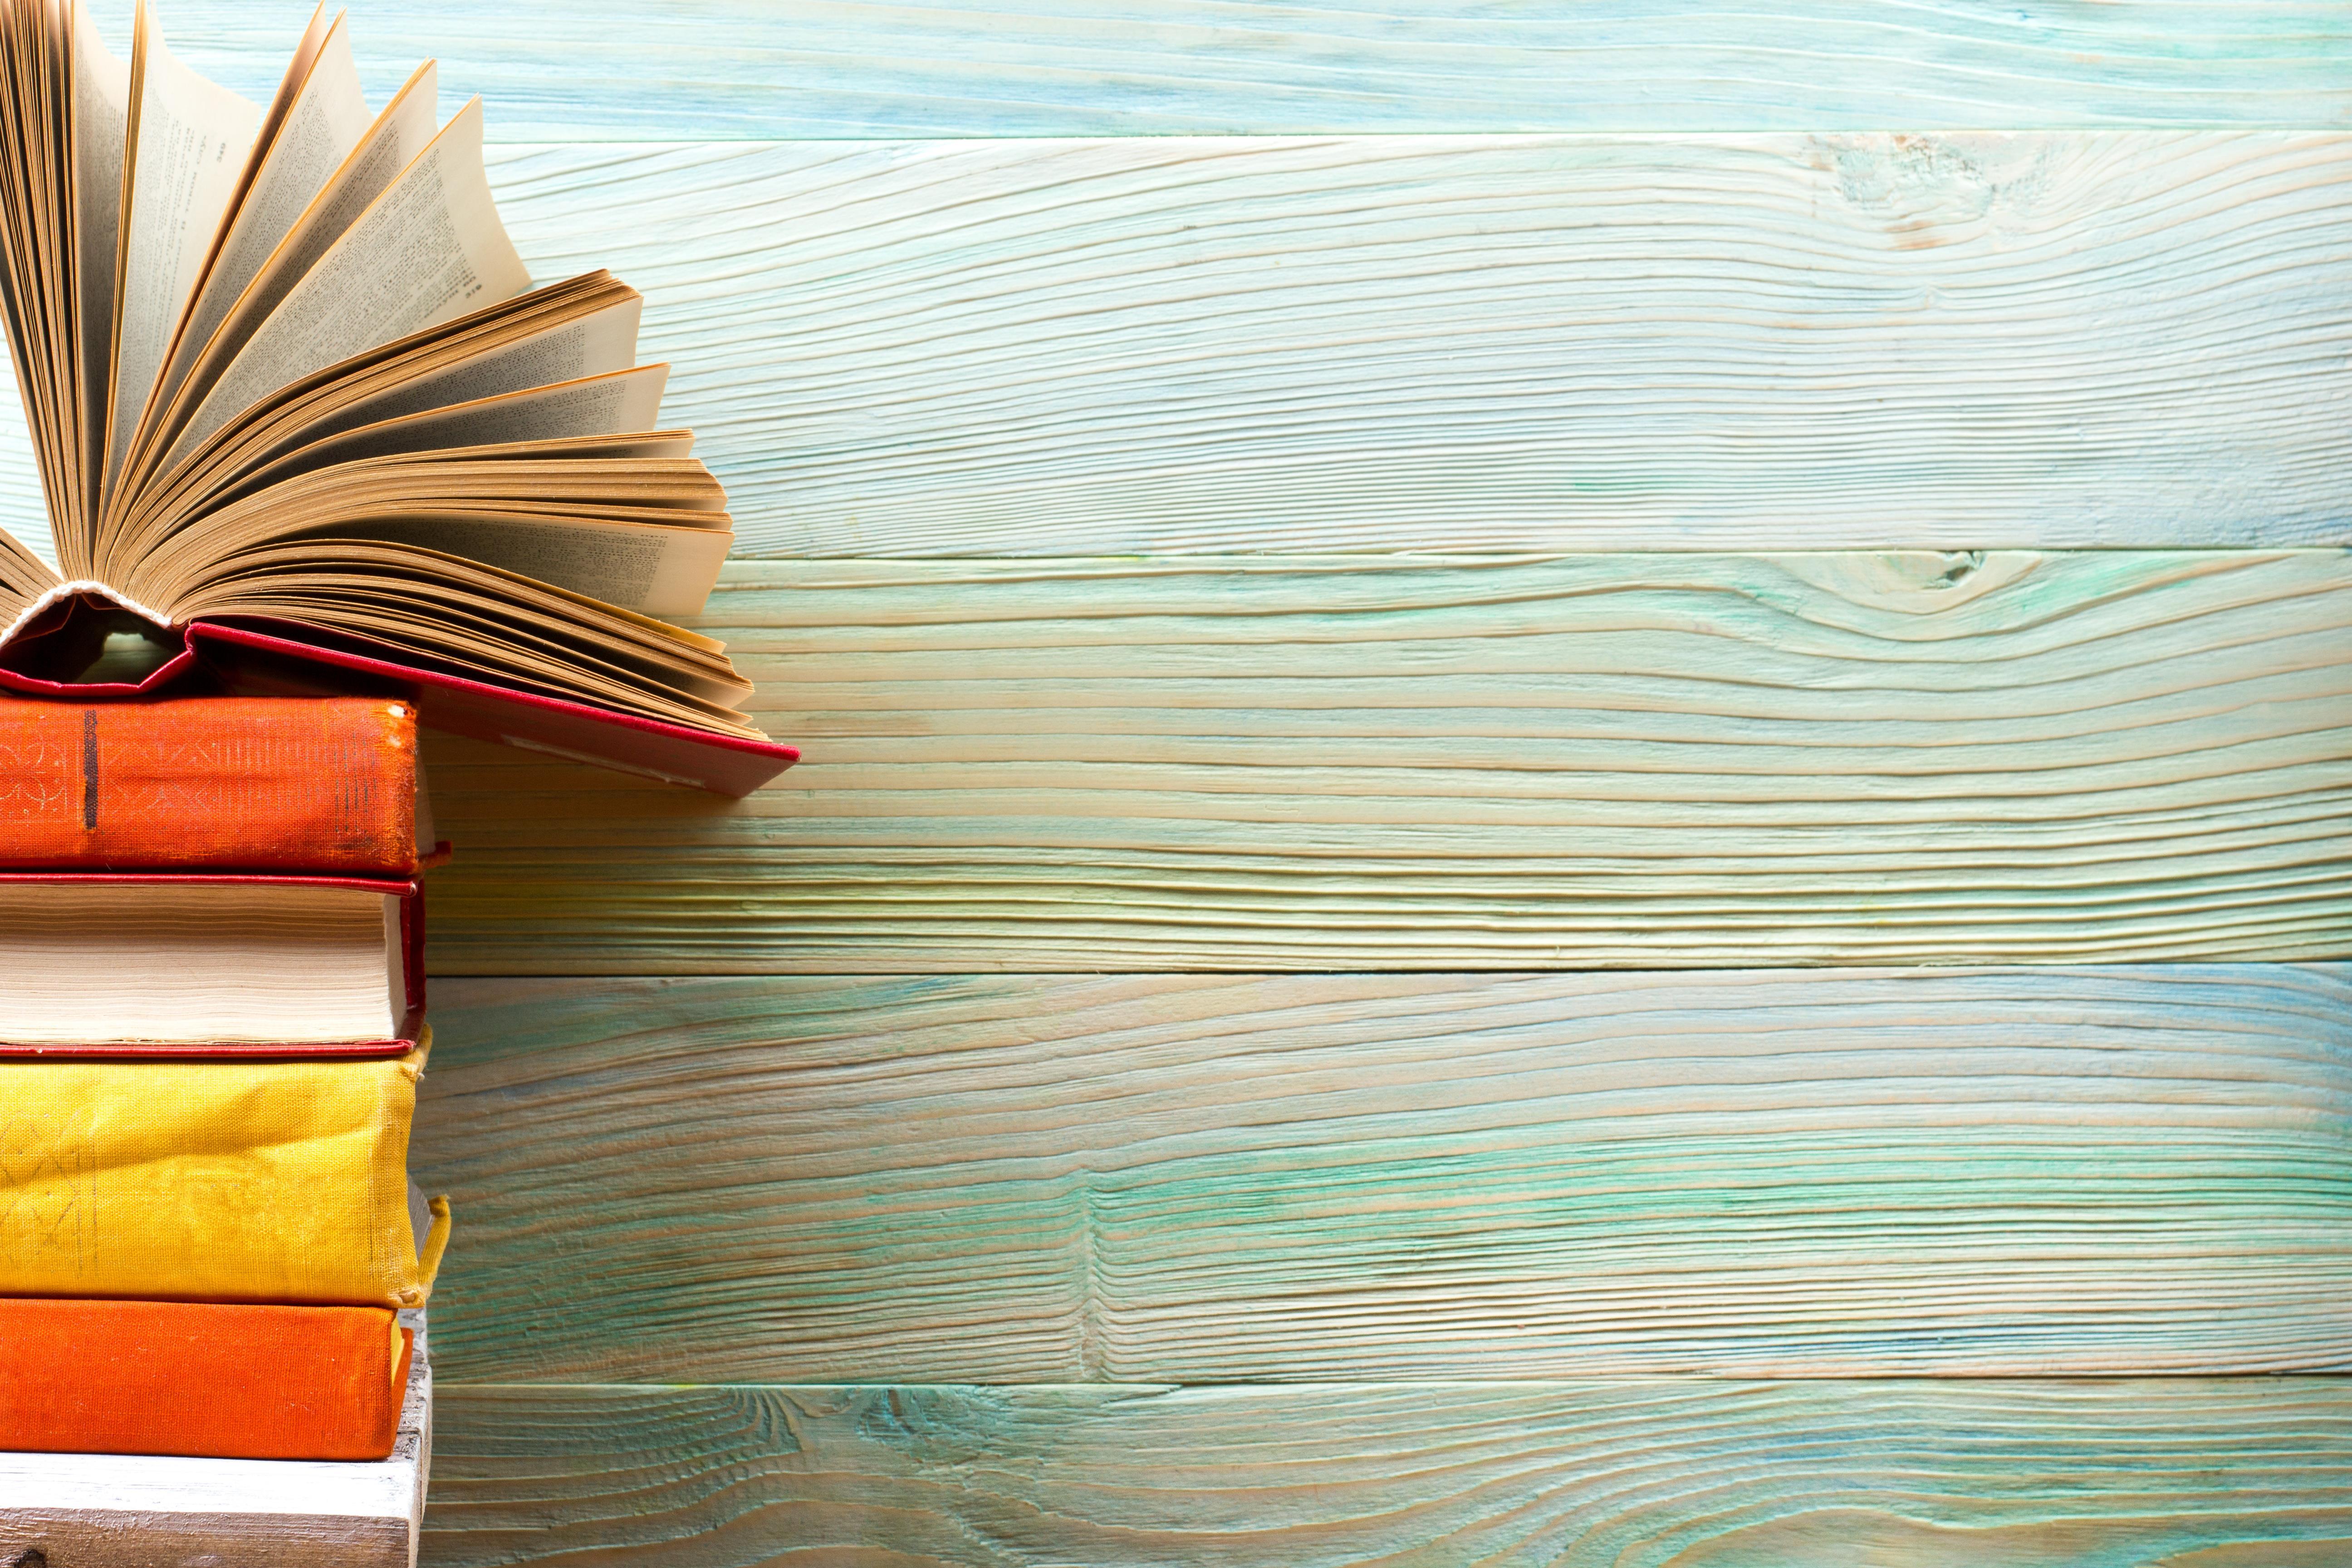 Na mesa-de-cabeceira: 7 livros que marcaram a semana